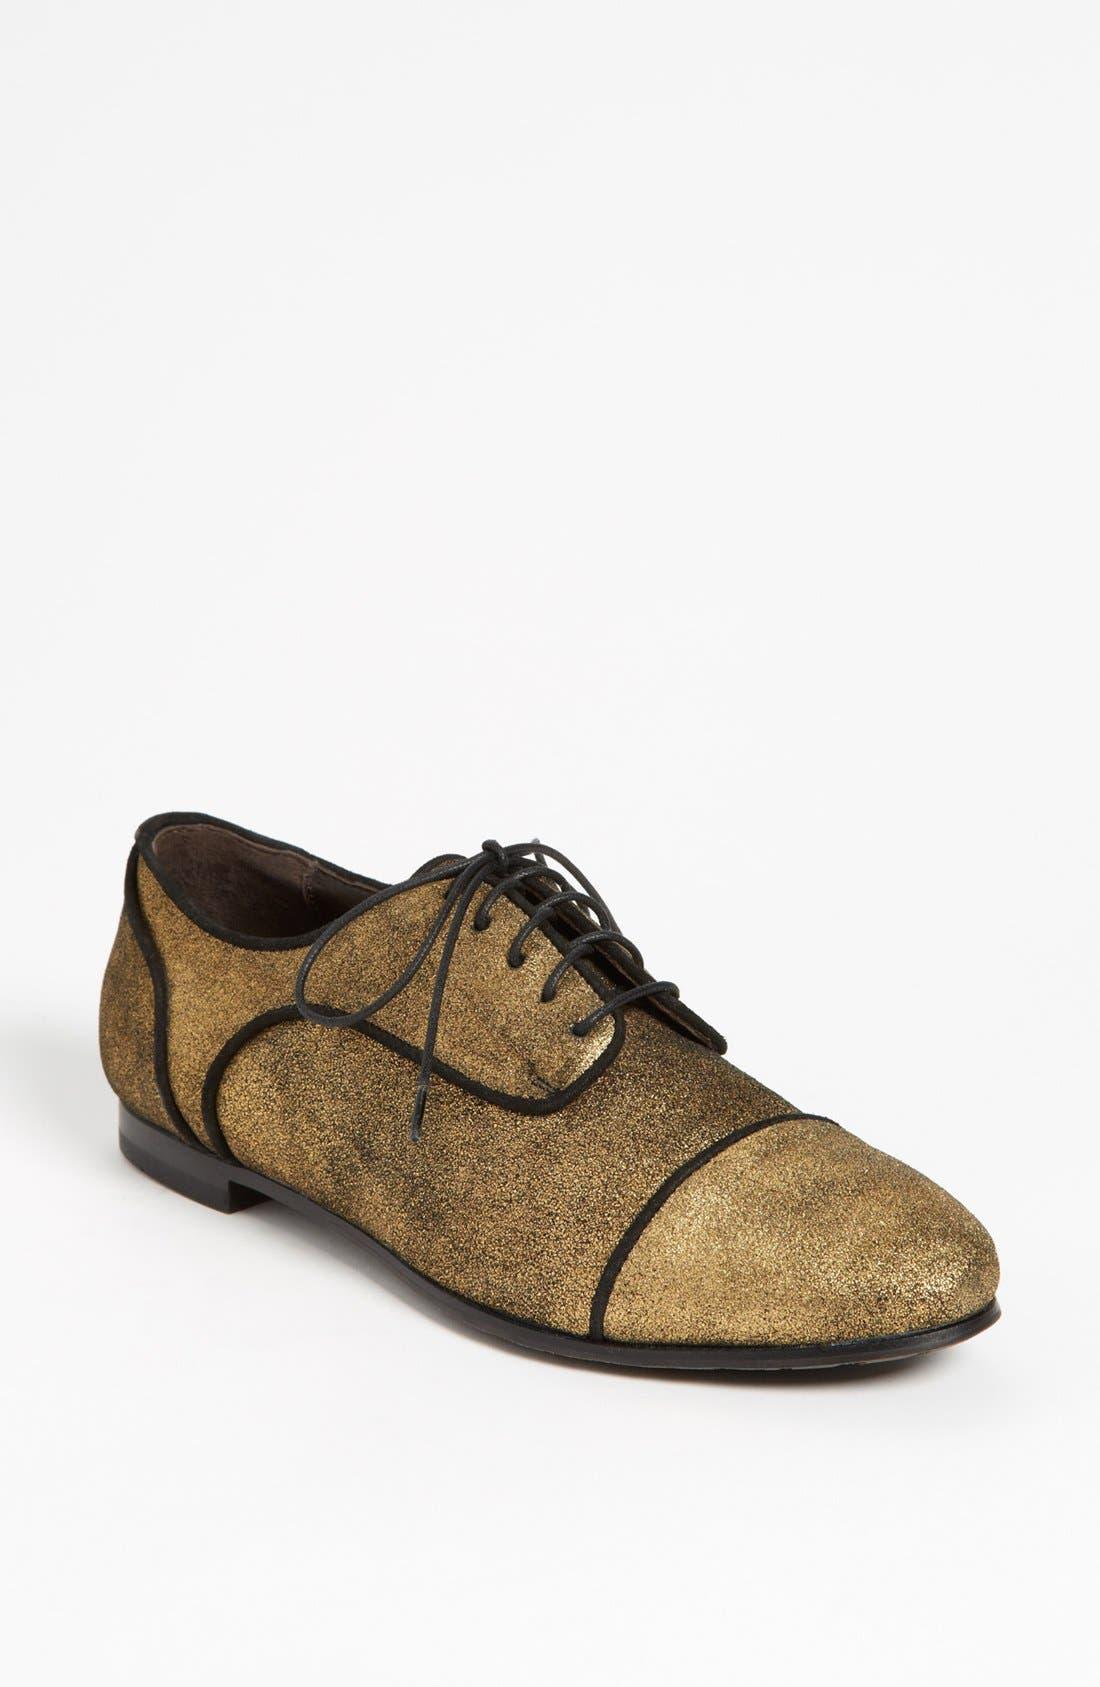 Main Image - Attilio Giusti Leombruni 'Luxe Tie' Oxford